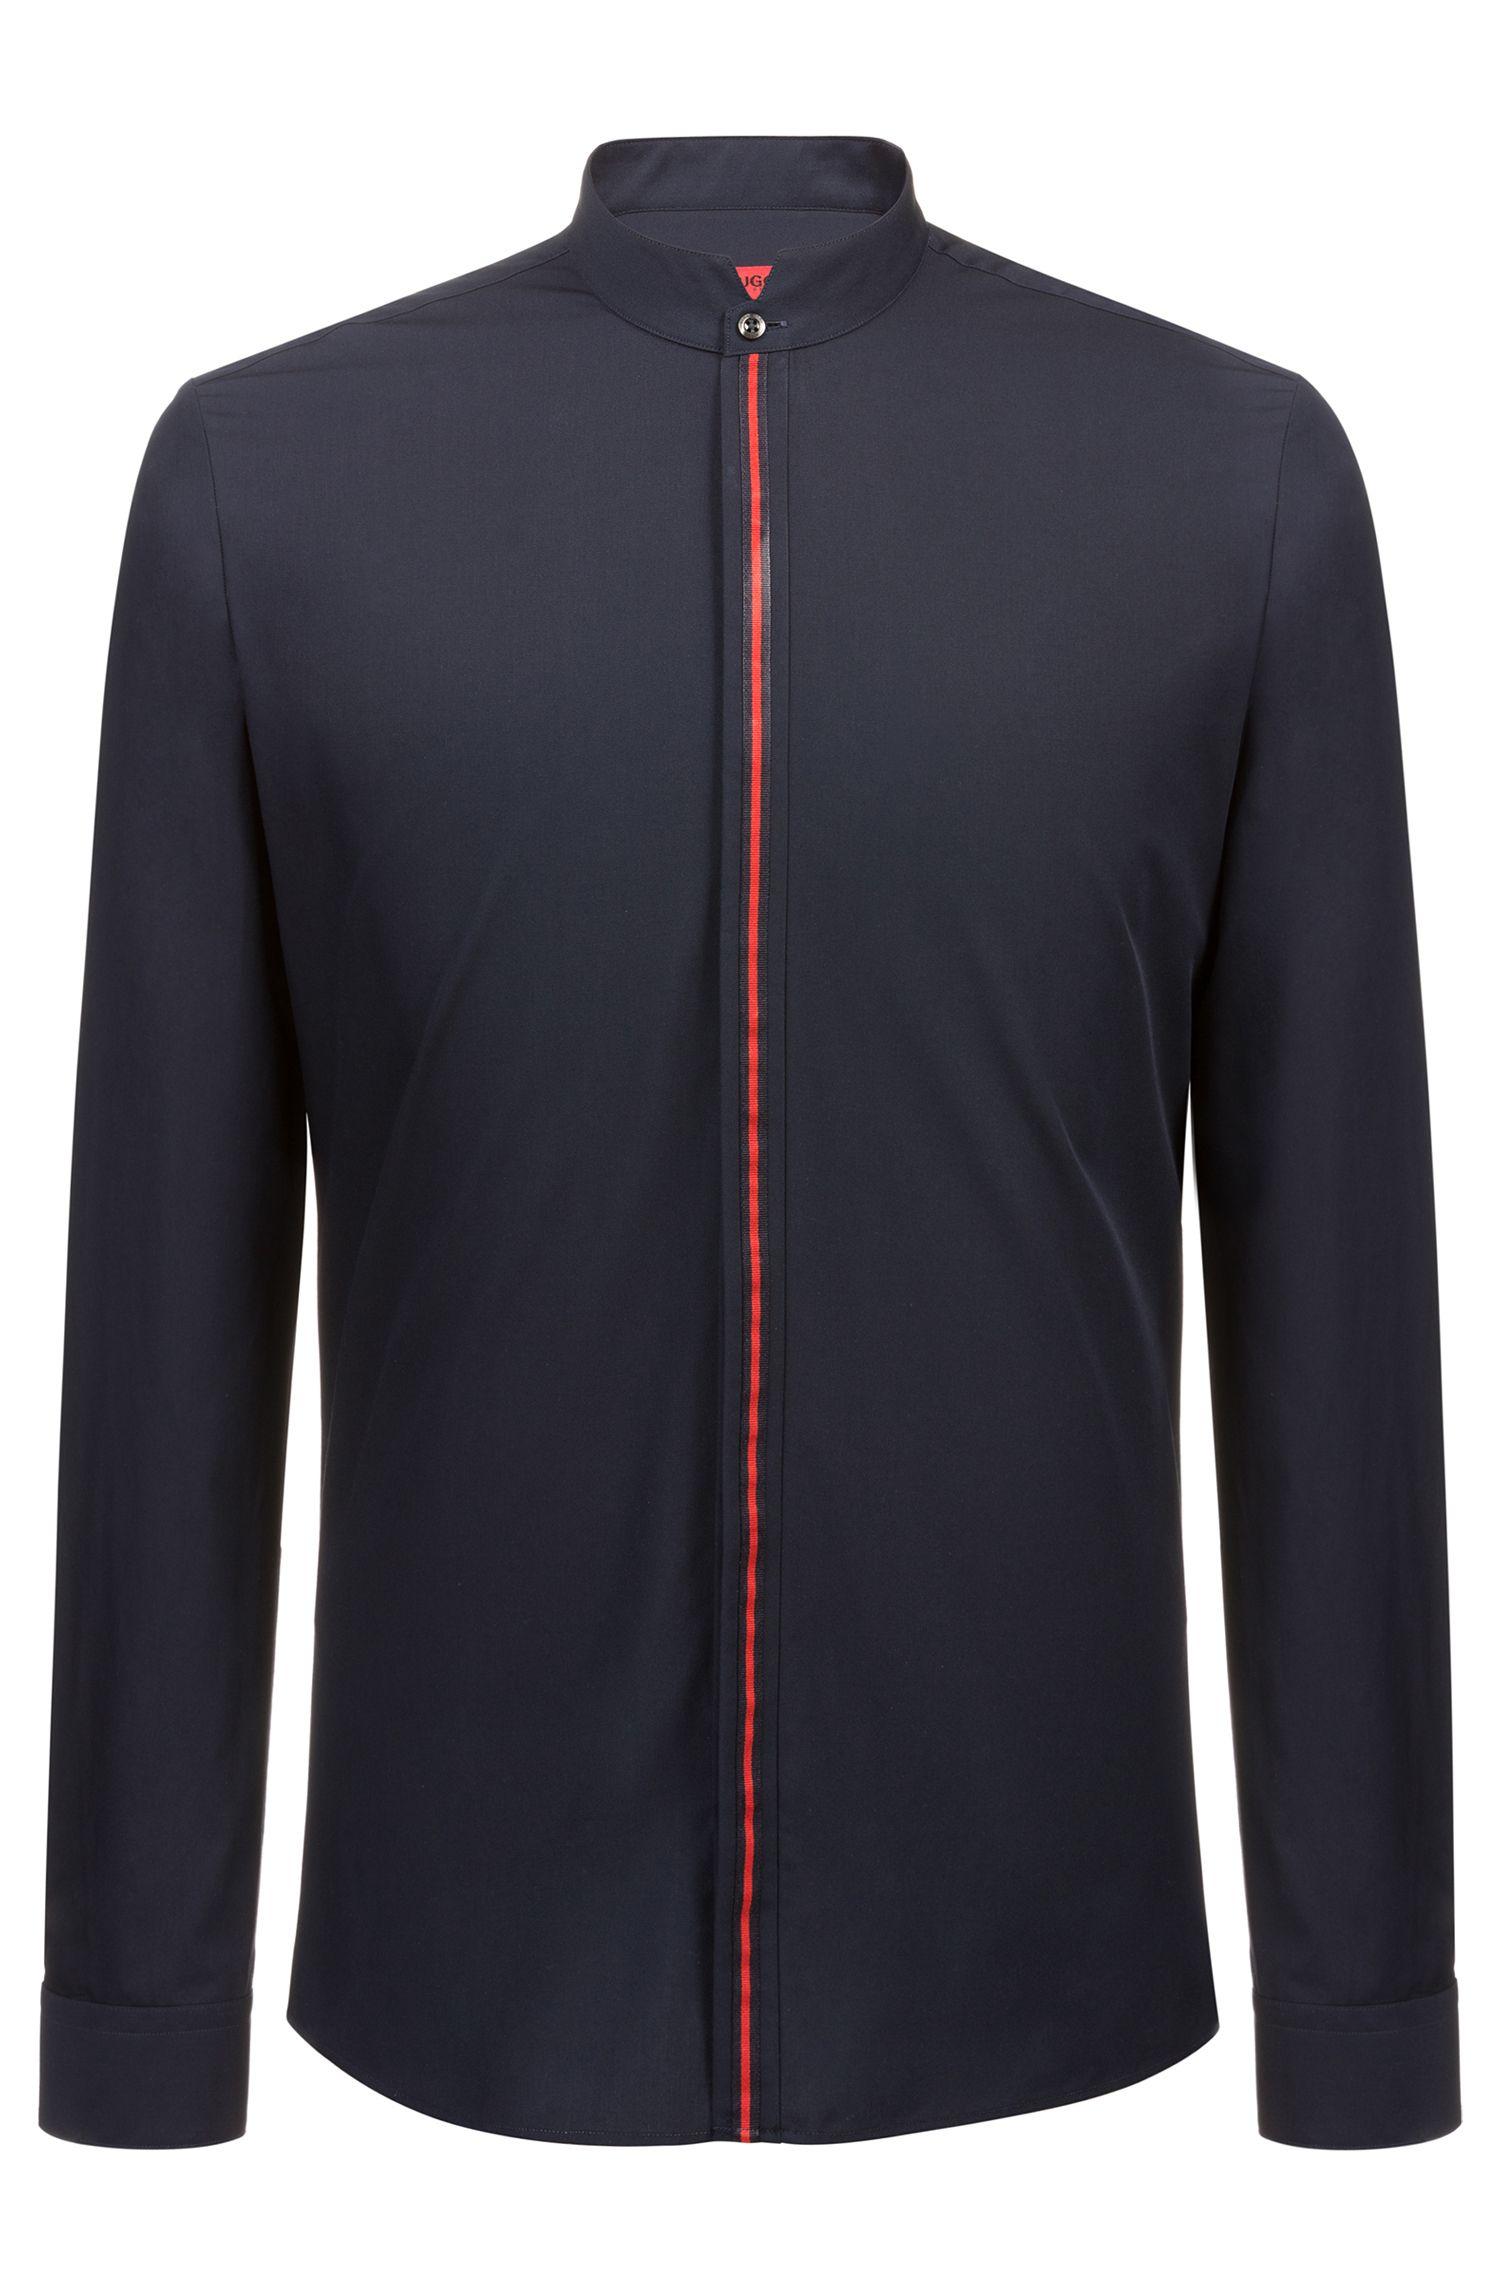 Chemise Extra Slim Fit en coton avec patte de boutonnage rayée, Bleu foncé